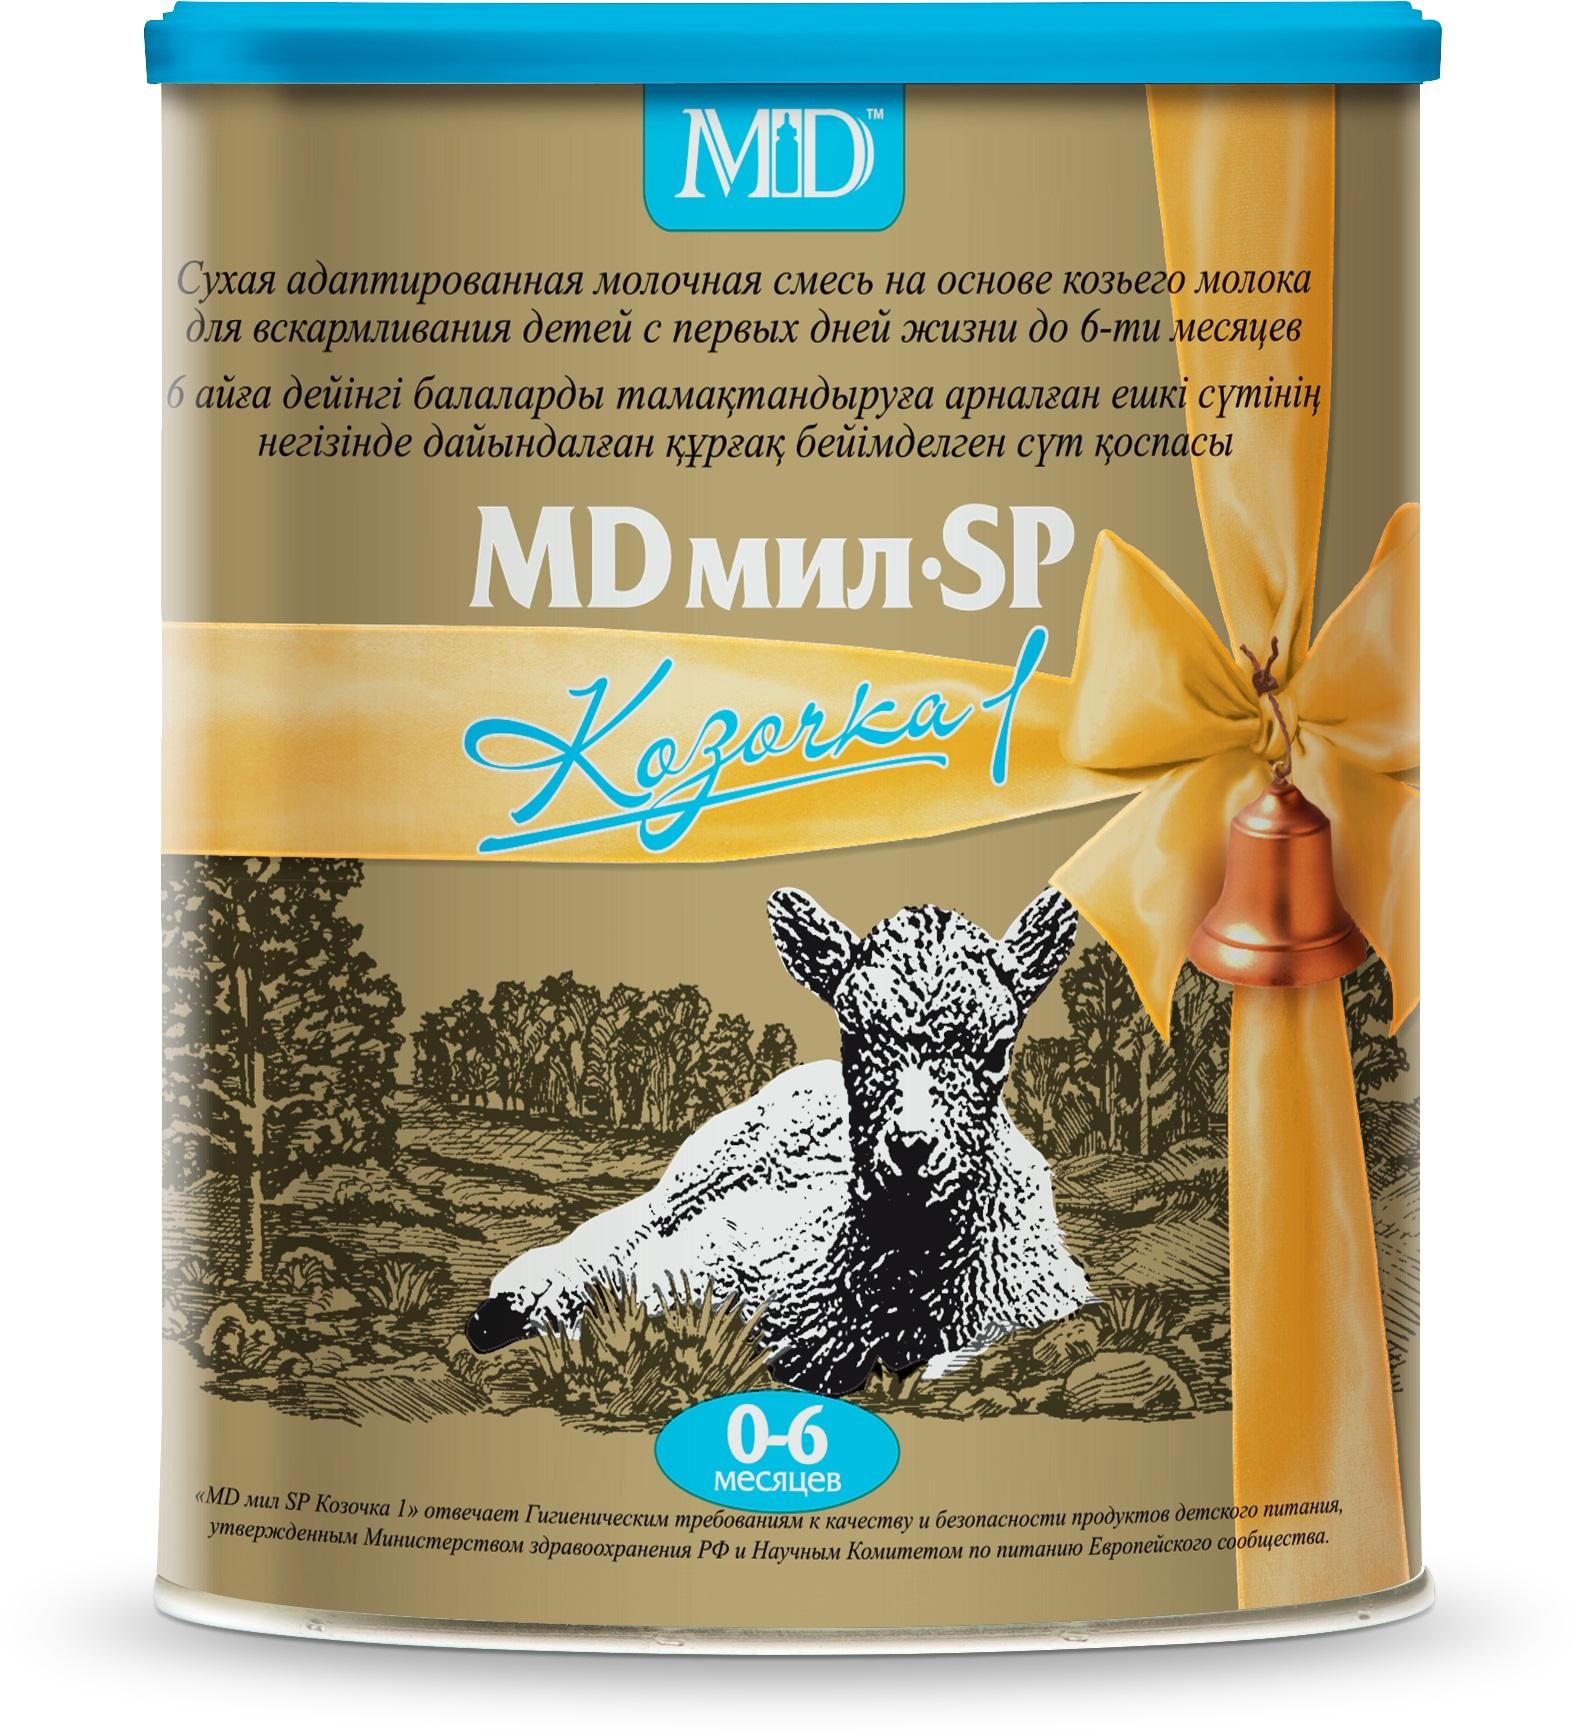 """Сухая адаптированная молочная смесь MD мил SP """"Козочка 1"""" на основе козьего молока, 400гр фото"""